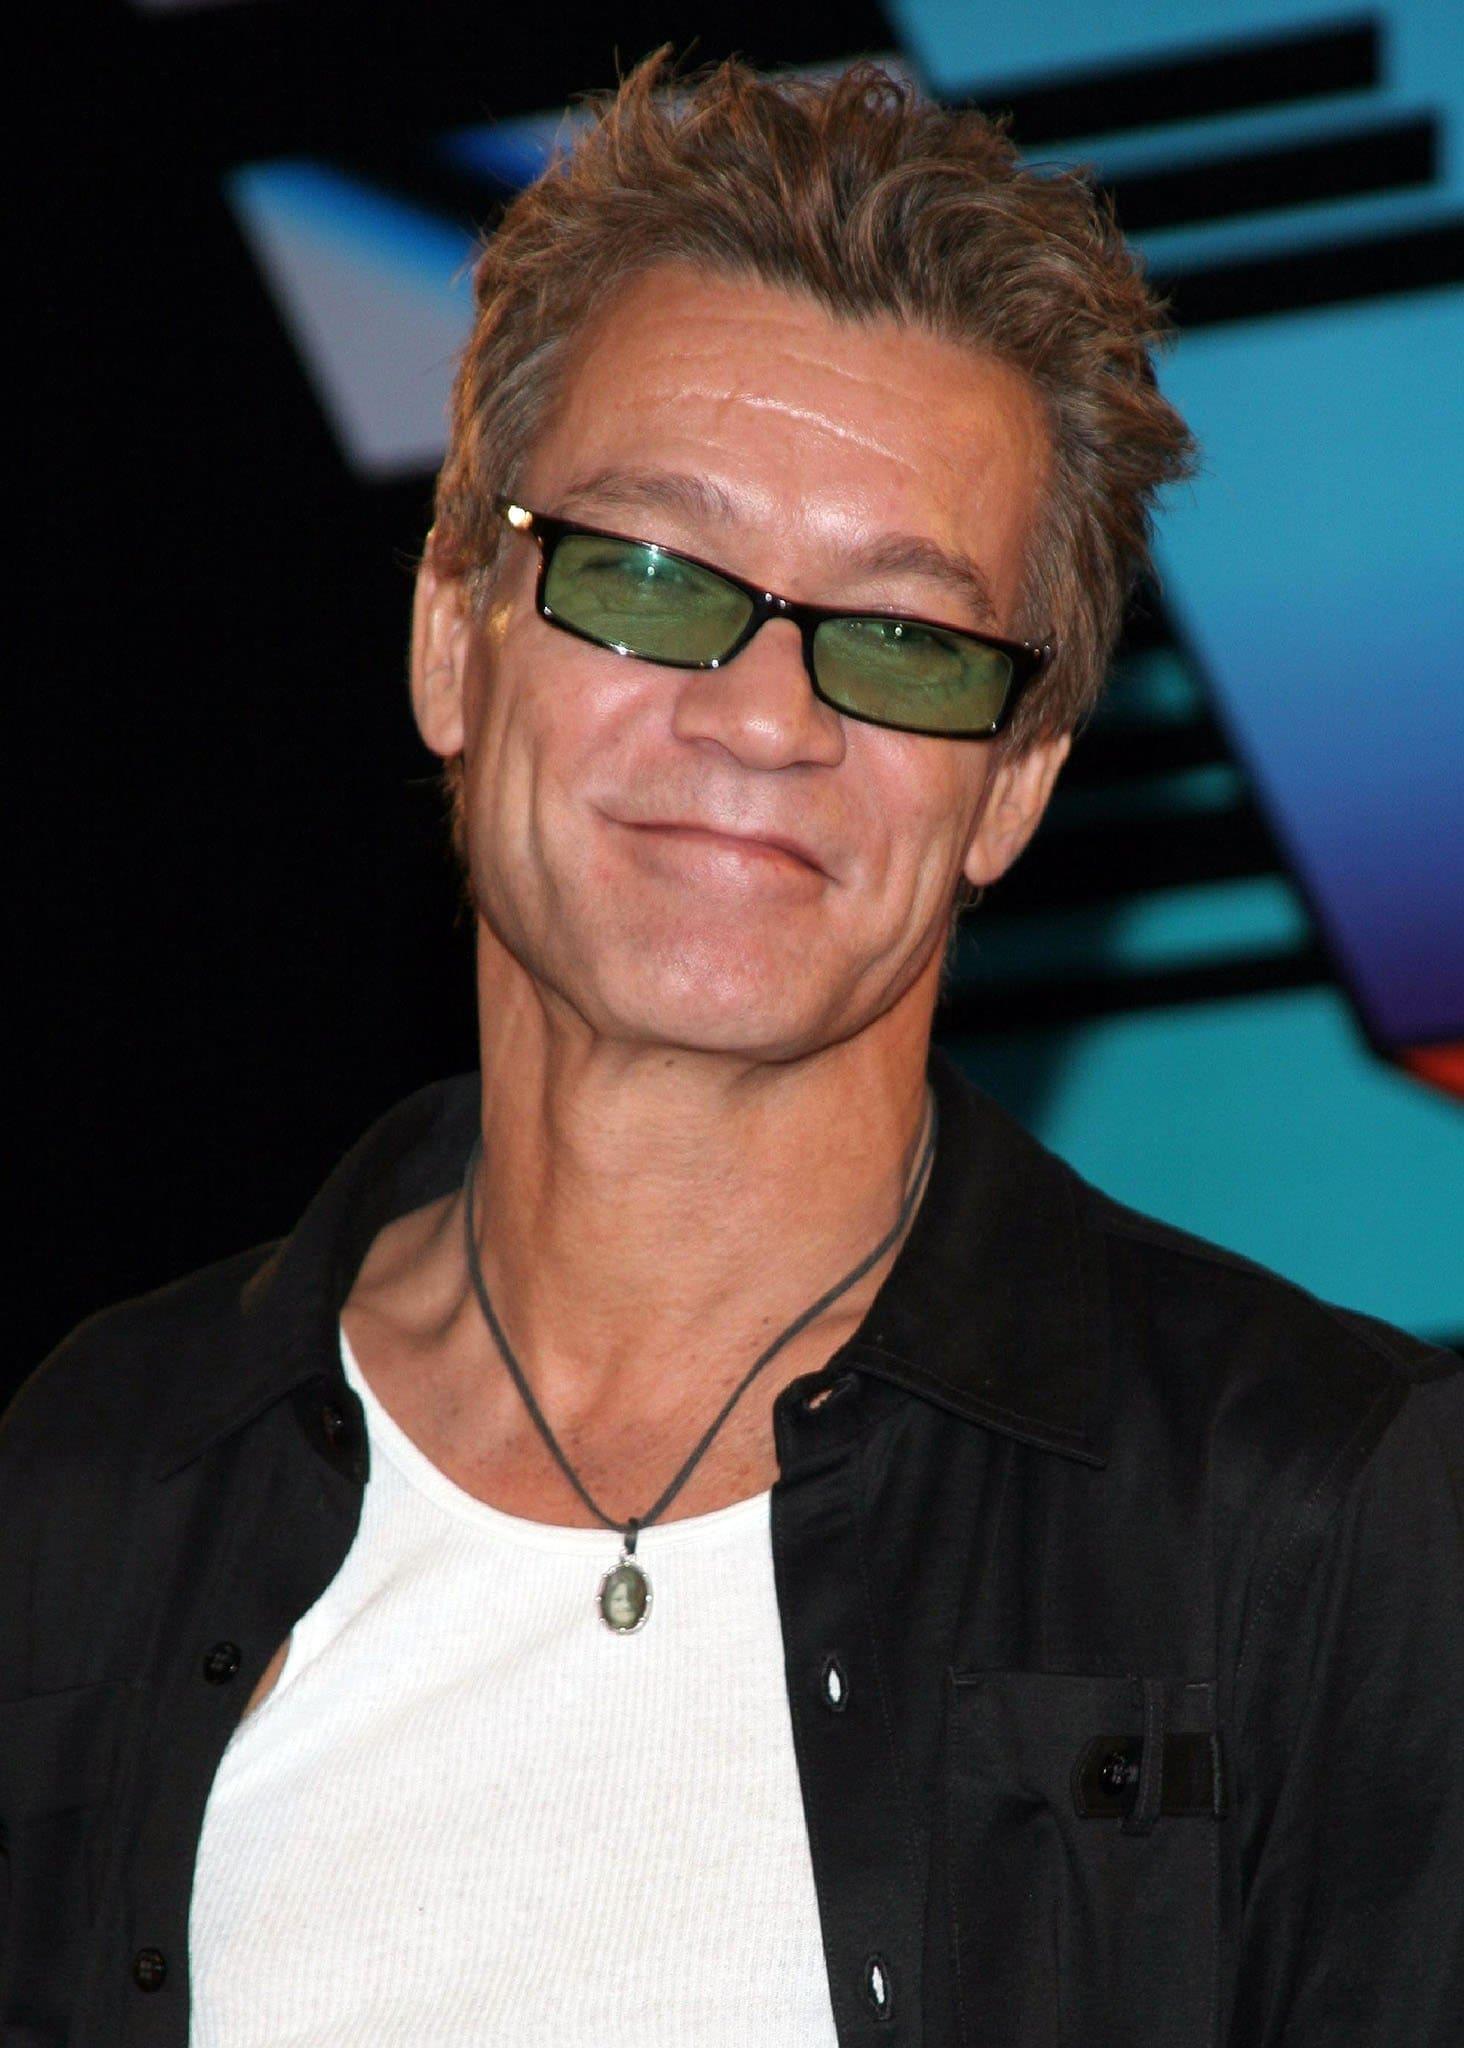 Eddie Van Halen passed away on October 6, 2020 at the age of 65